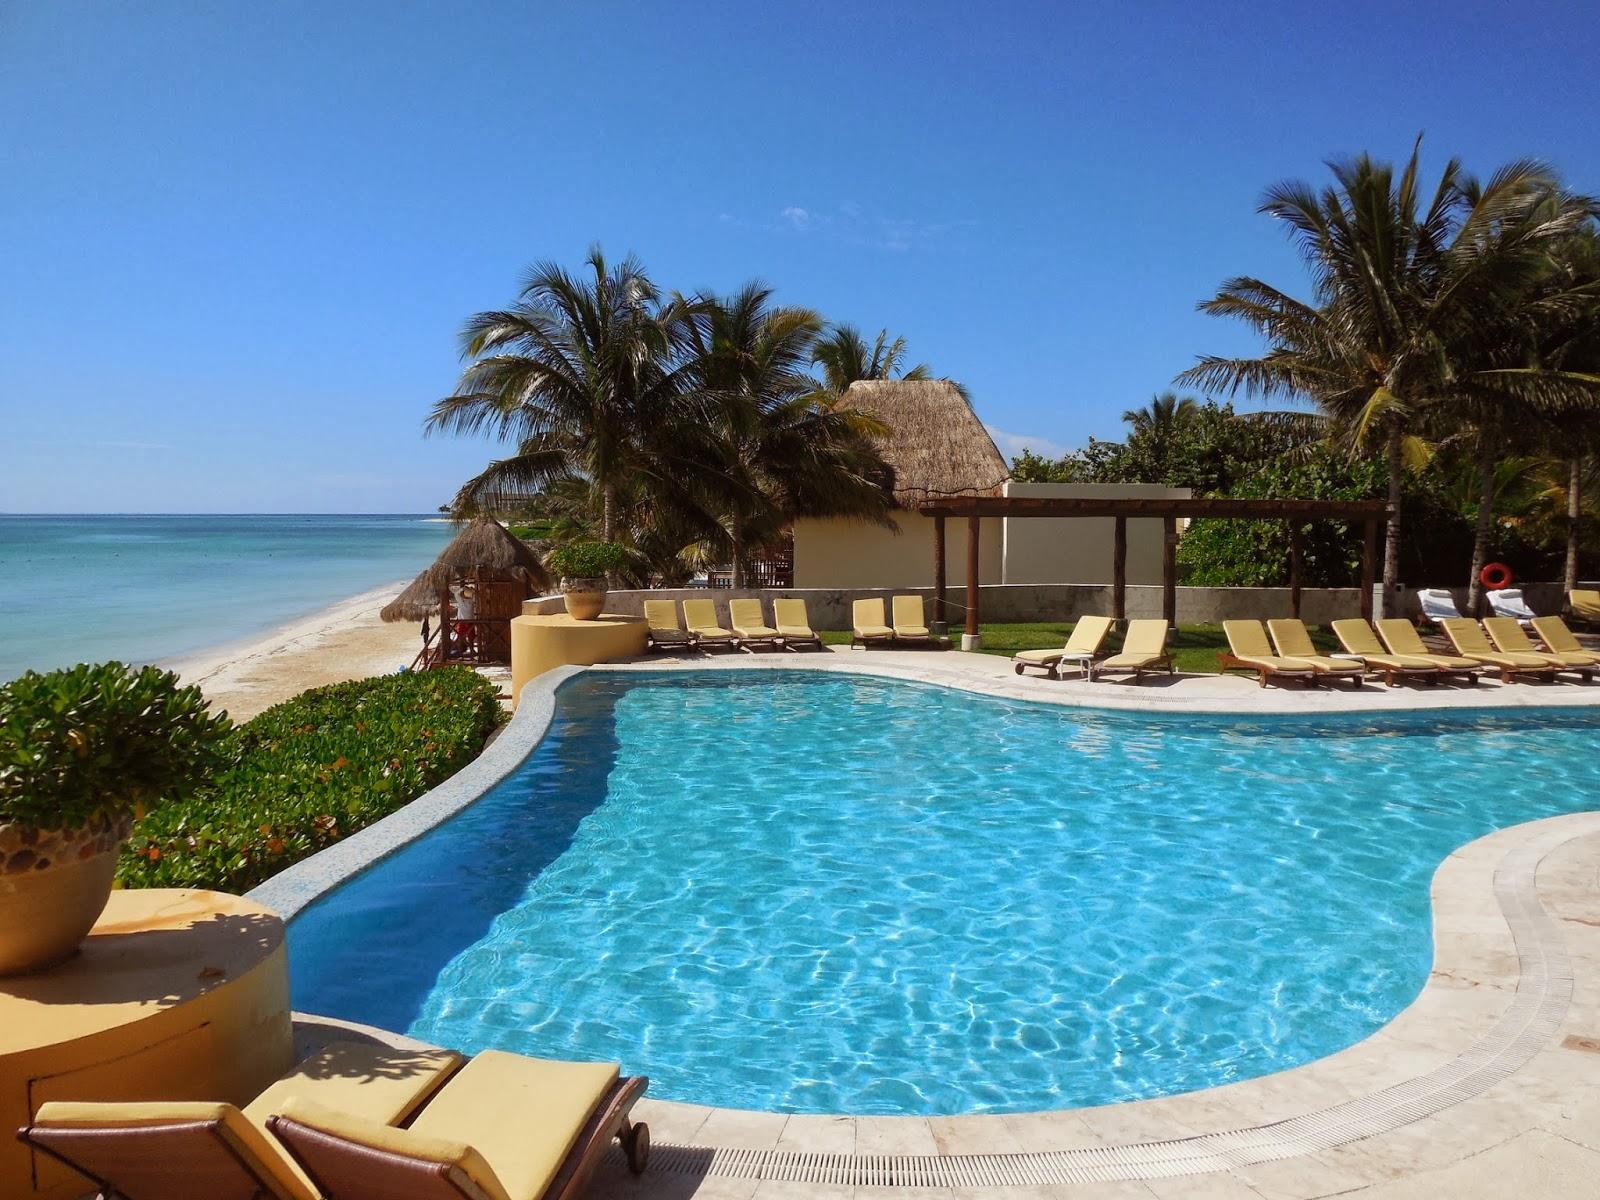 Mi selecci n de hoteles de lujo en la riviera maya m xico for Follando en la piscina del hotel